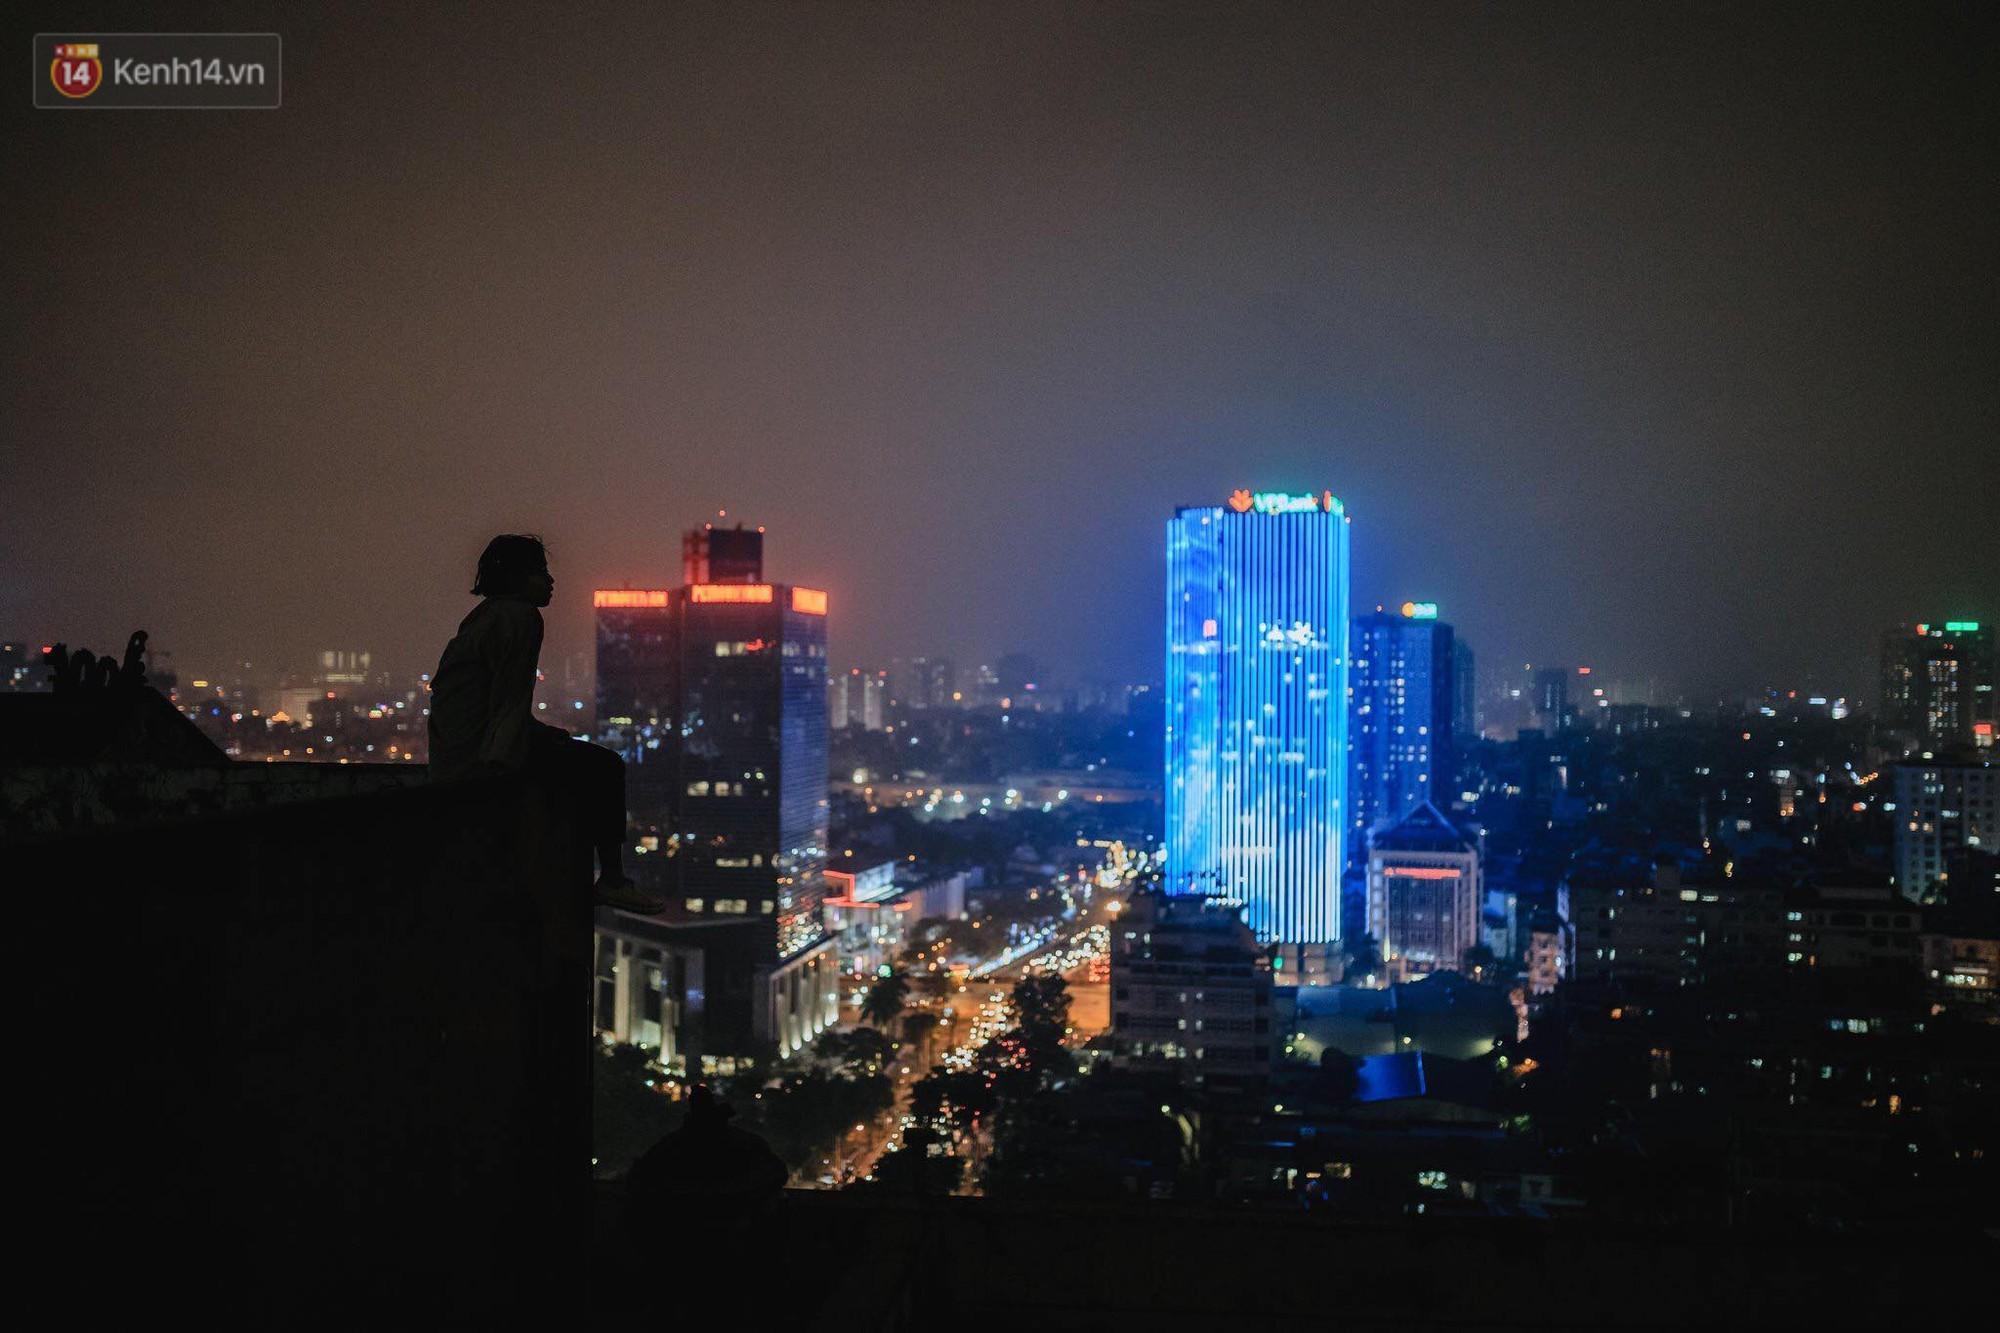 Vì sao các hãng thông tấn quốc tế đều chọn những nóc nhà của Hà Nội để đưa tin về Hội nghị thượng đỉnh Mỹ - Triều?-19